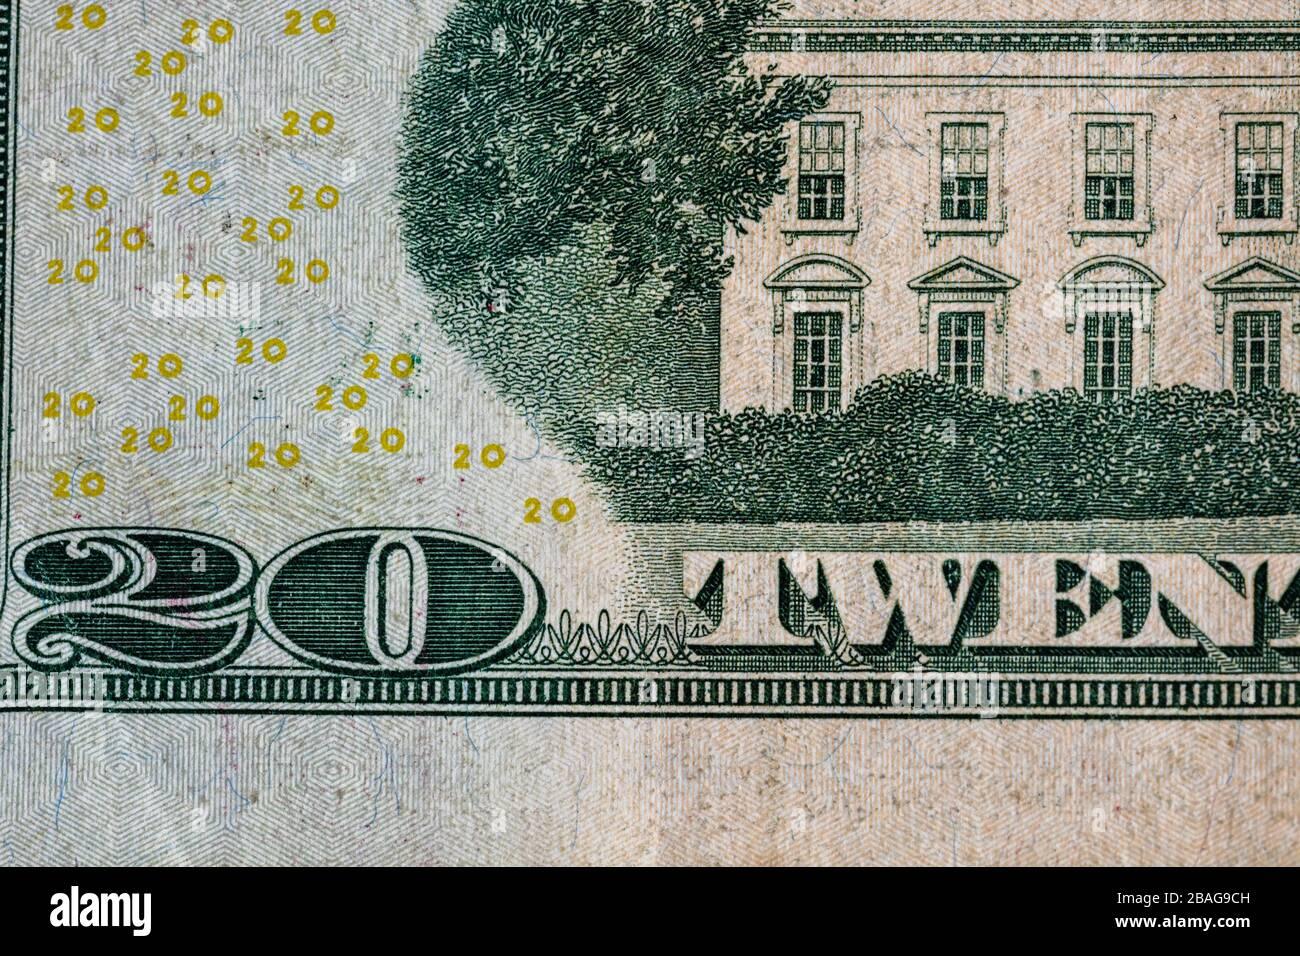 Primer plano detalle macro de billetes en dólares estadounidenses, foto detallada de dólares estadounidenses. Concepto monetario mundial, inflación y concepto económico Foto de stock